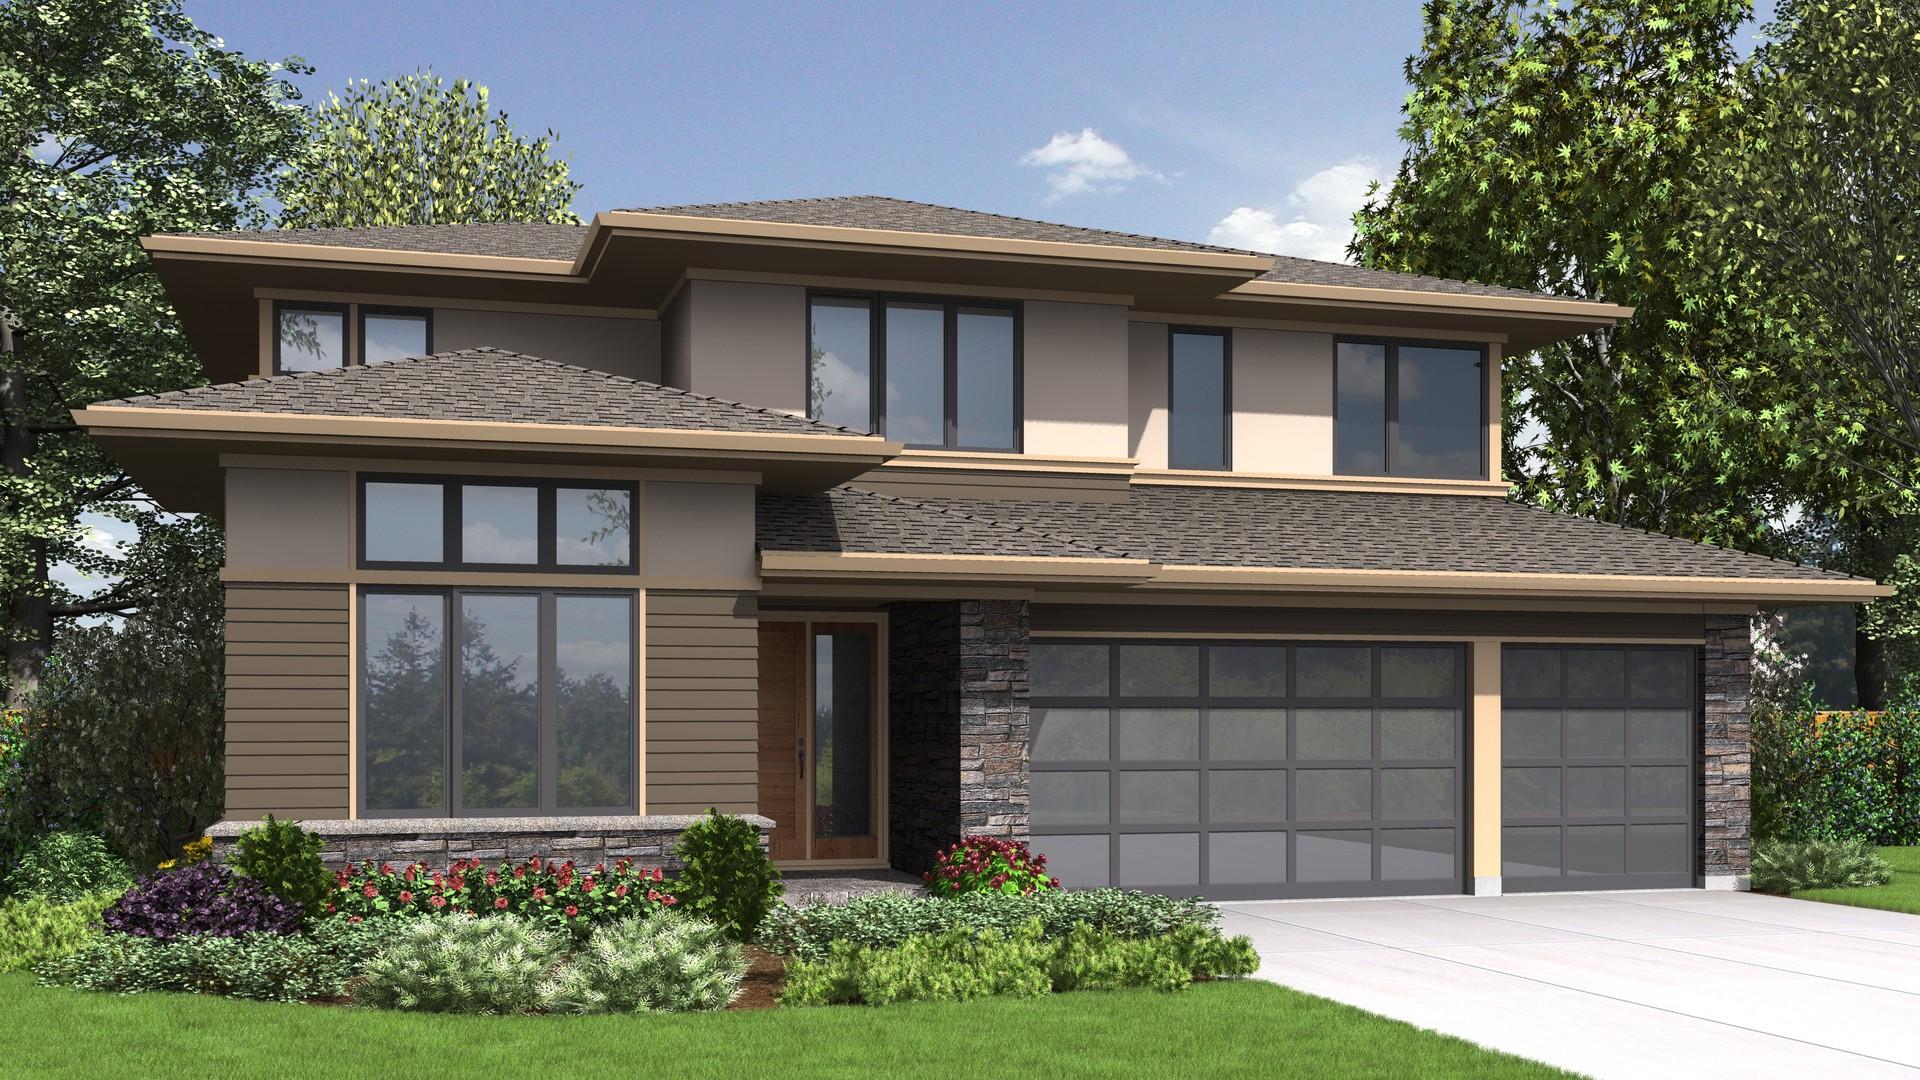 Front exterior rendering